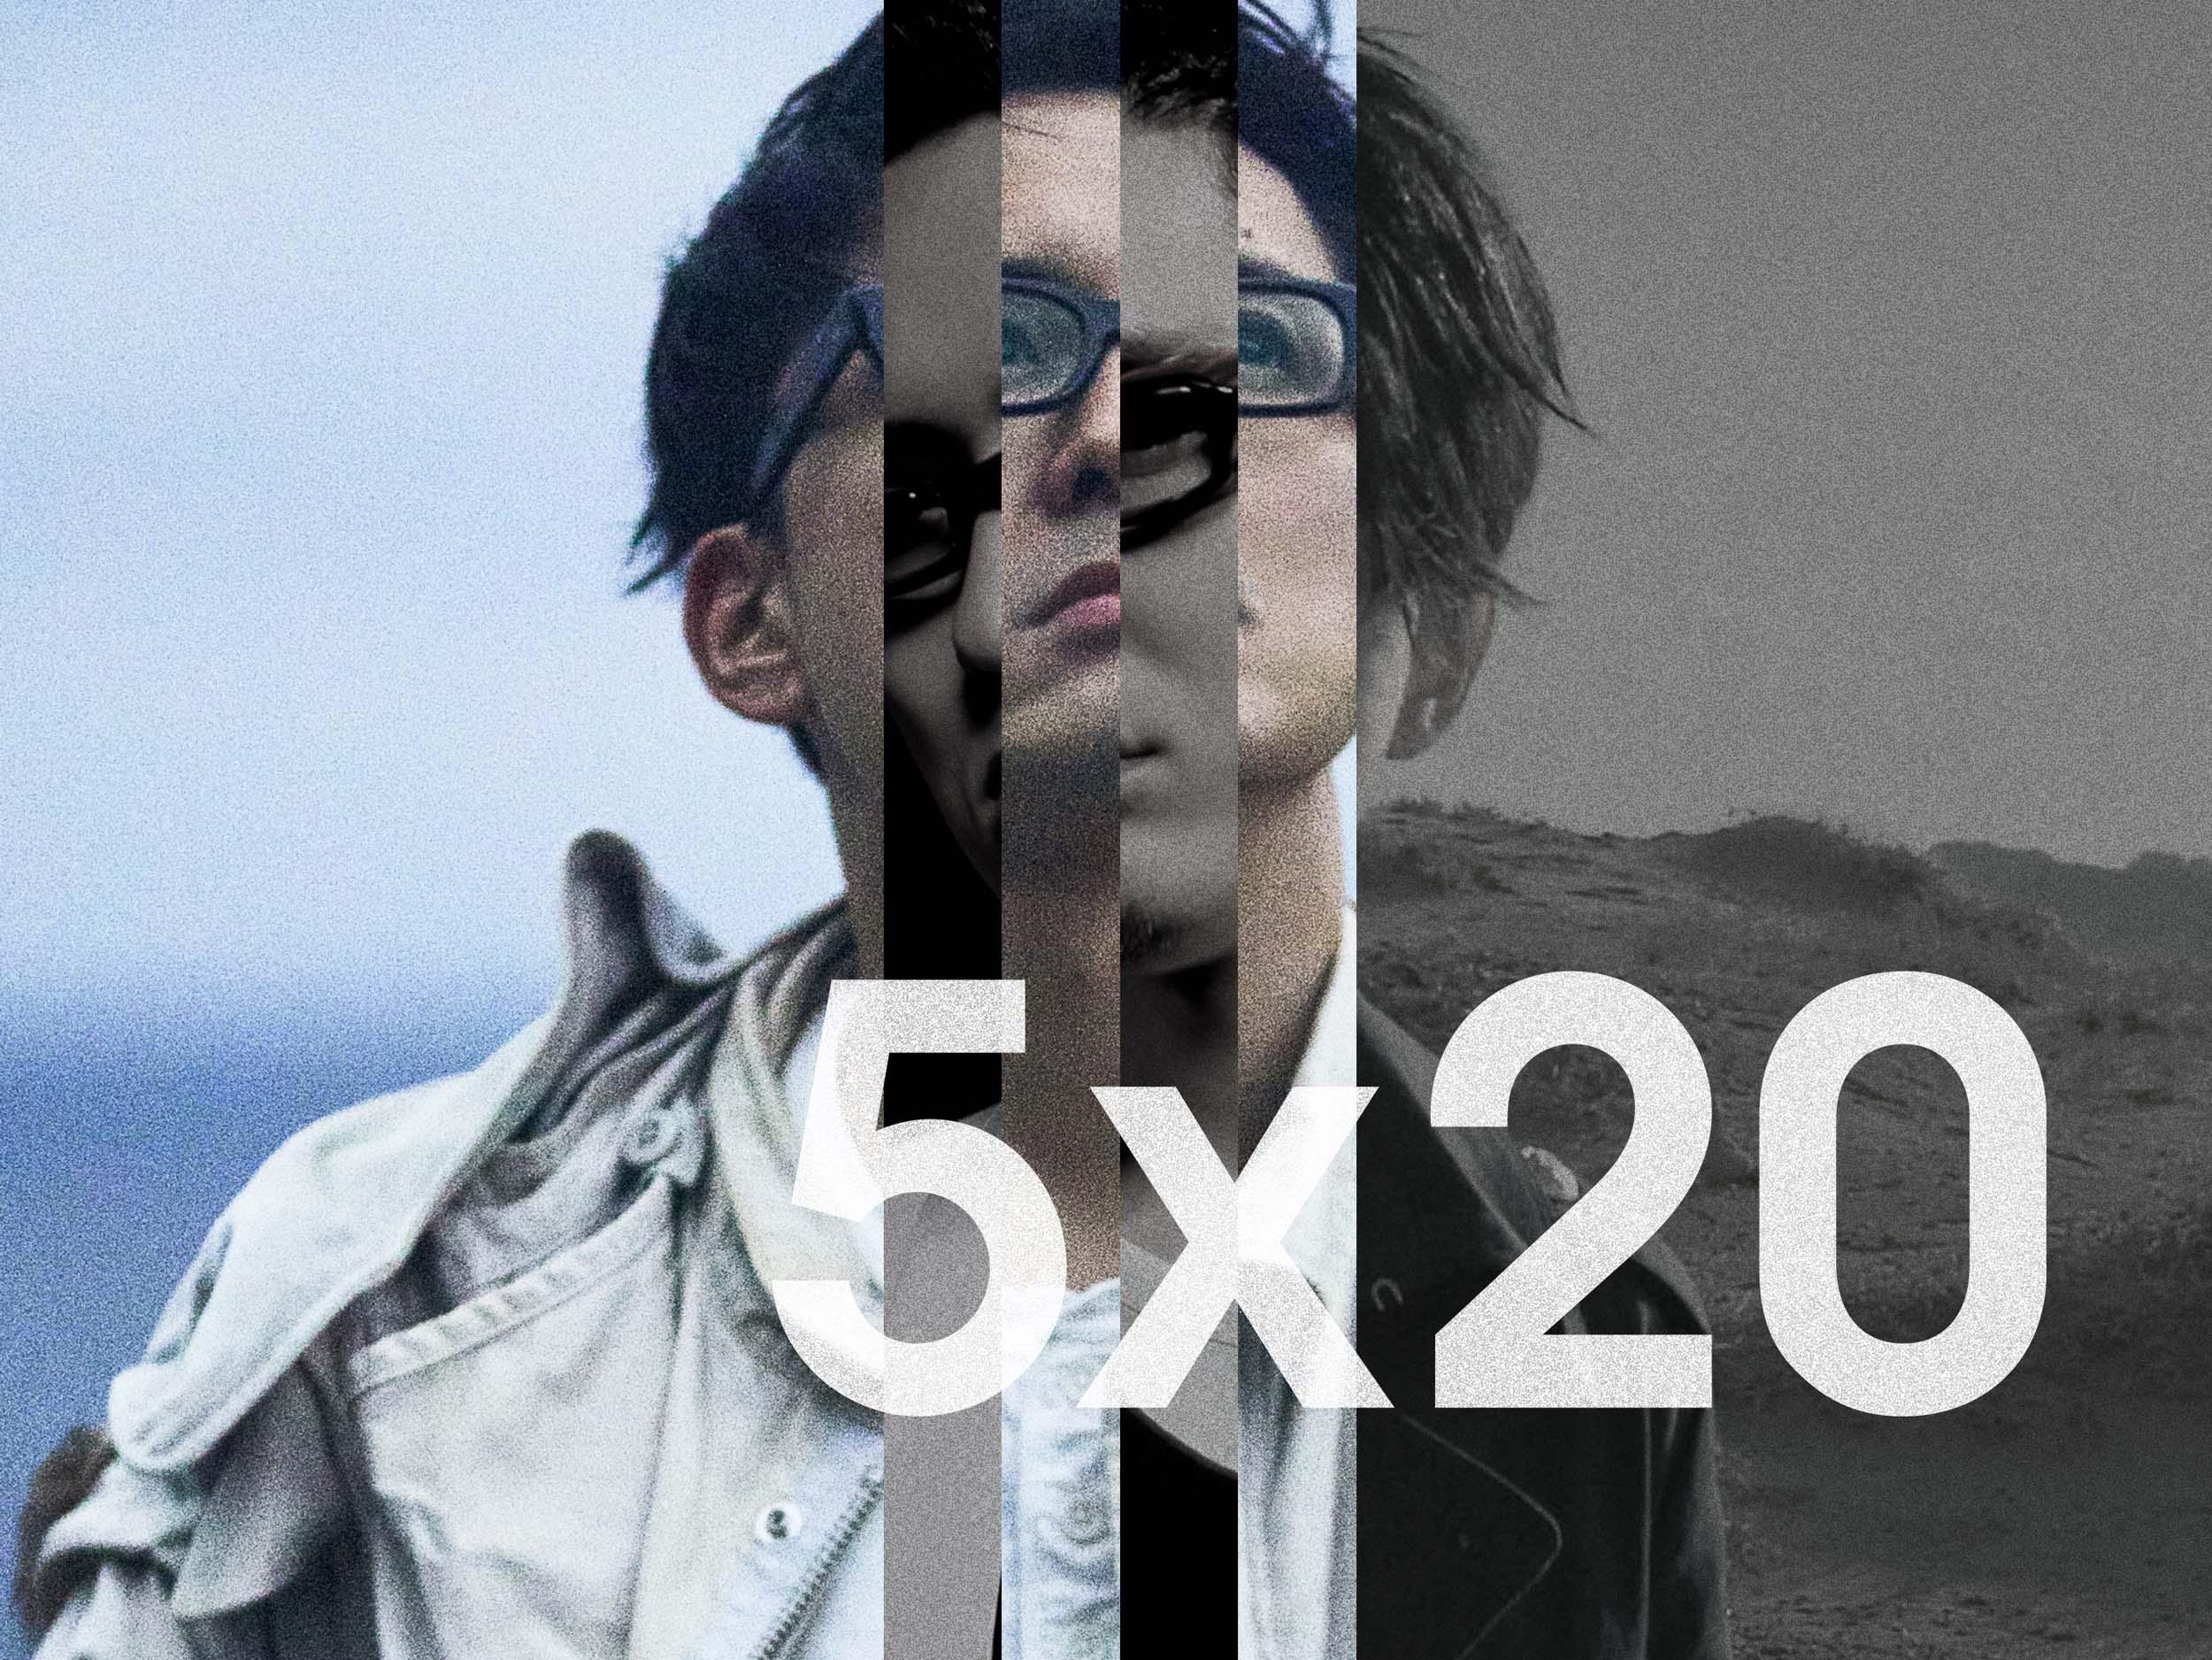 フルカワユタカ ソロ・音楽活動周年記念イベント「5×20」にthe band apart、Base Ball Bearの参戦発表!!